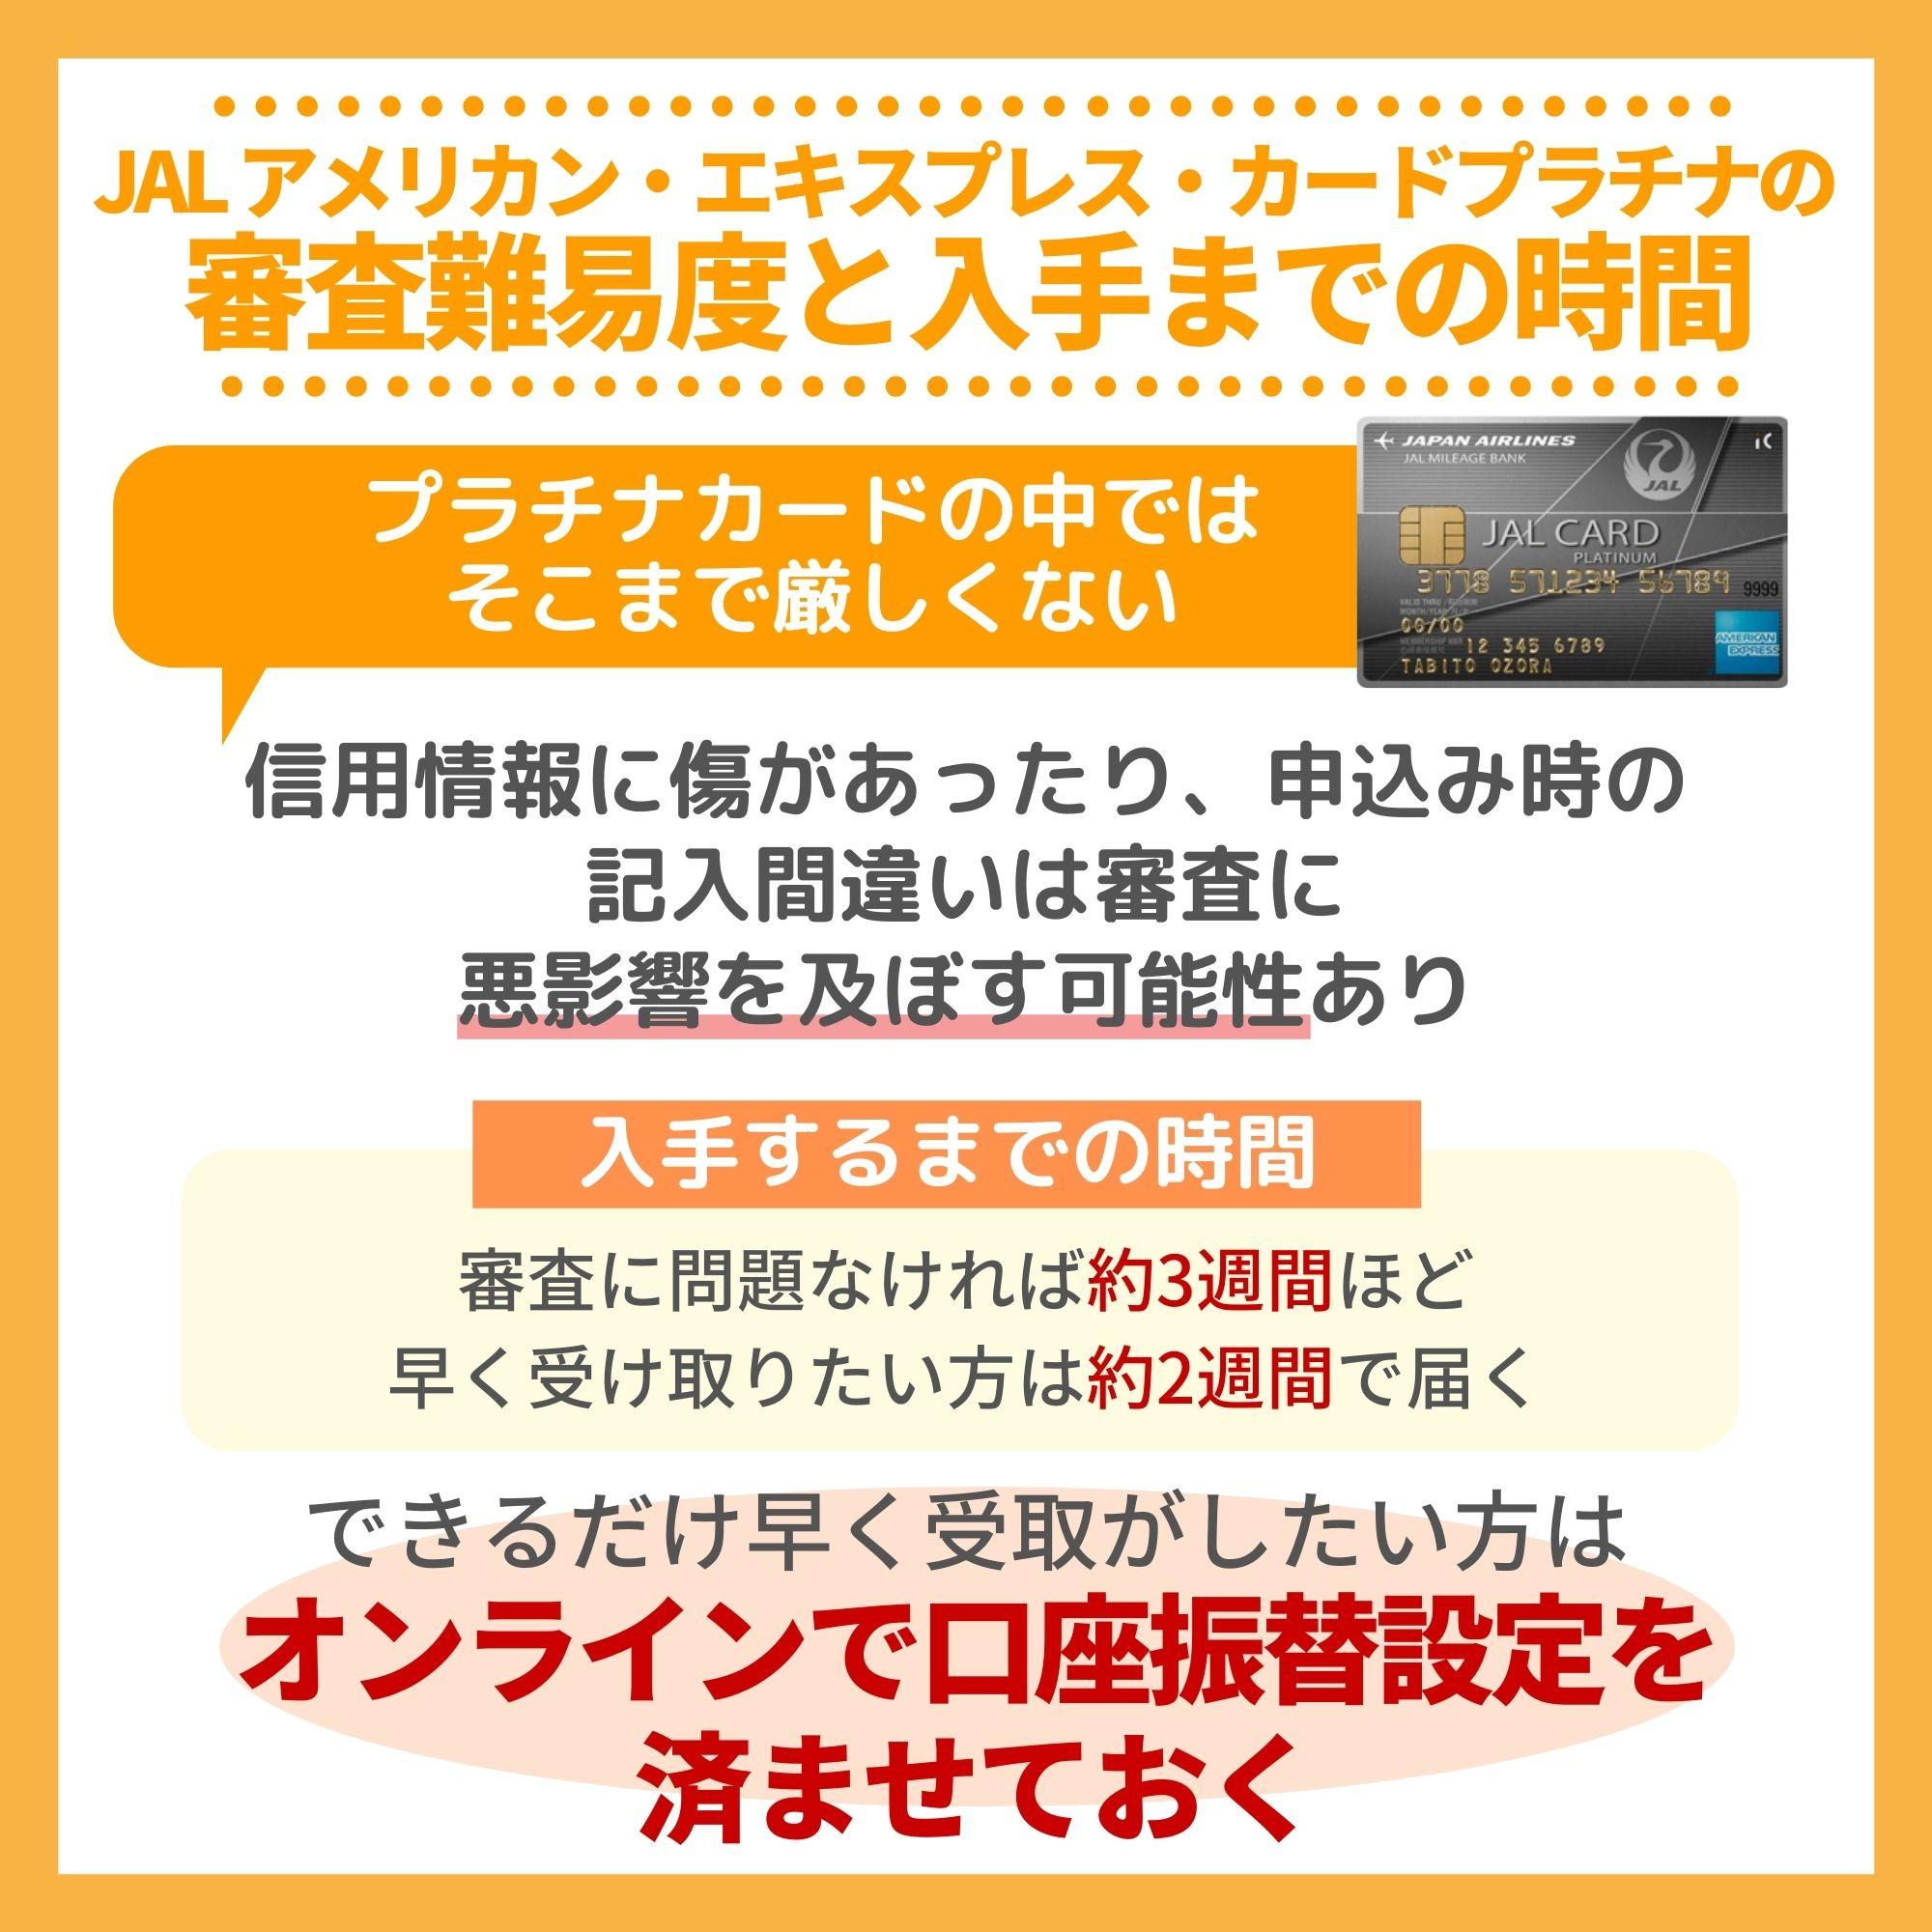 JAL アメリカン・エキスプレス・カードプラチナの審査難易度・入手までの時間